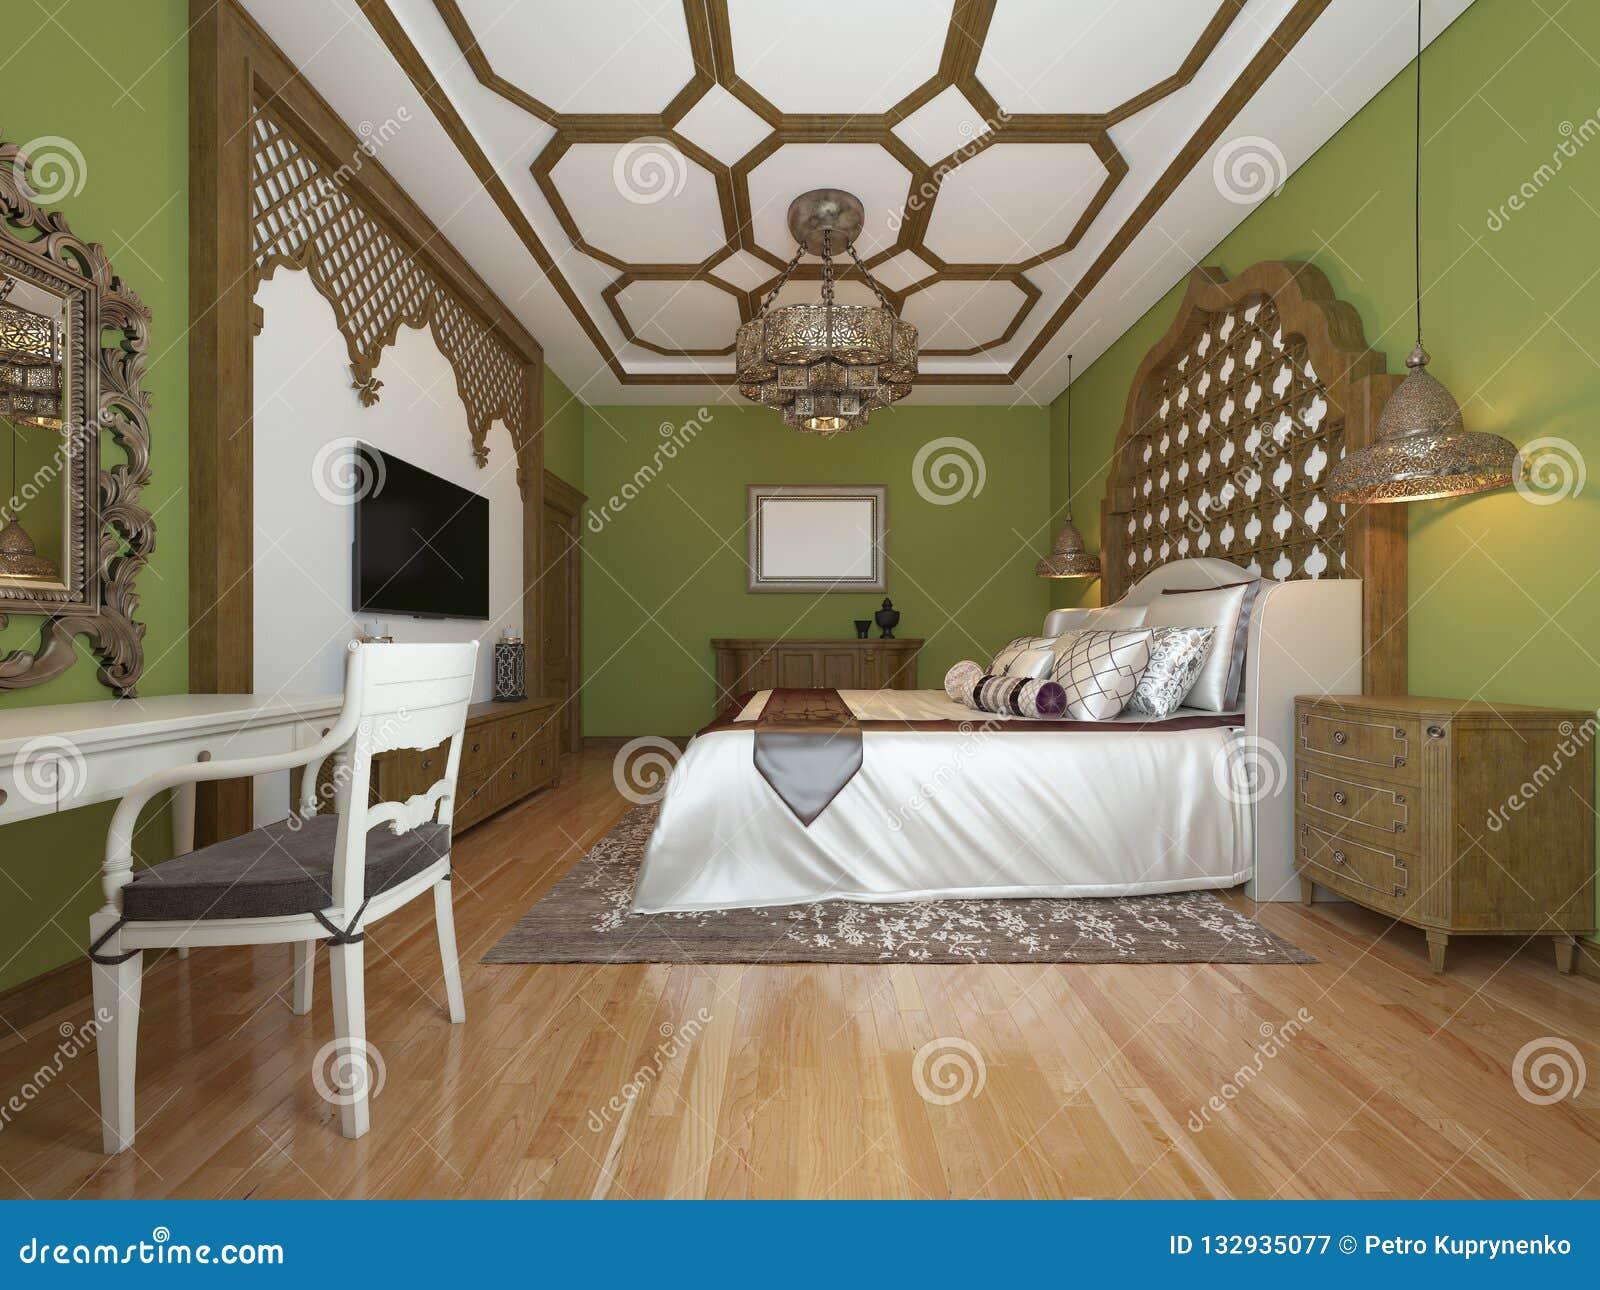 Chambre à coucher orientale dans le style arabe, avec une tête de lit en bois et des murs verts Unité de TV, coiffeuse, fauteuil